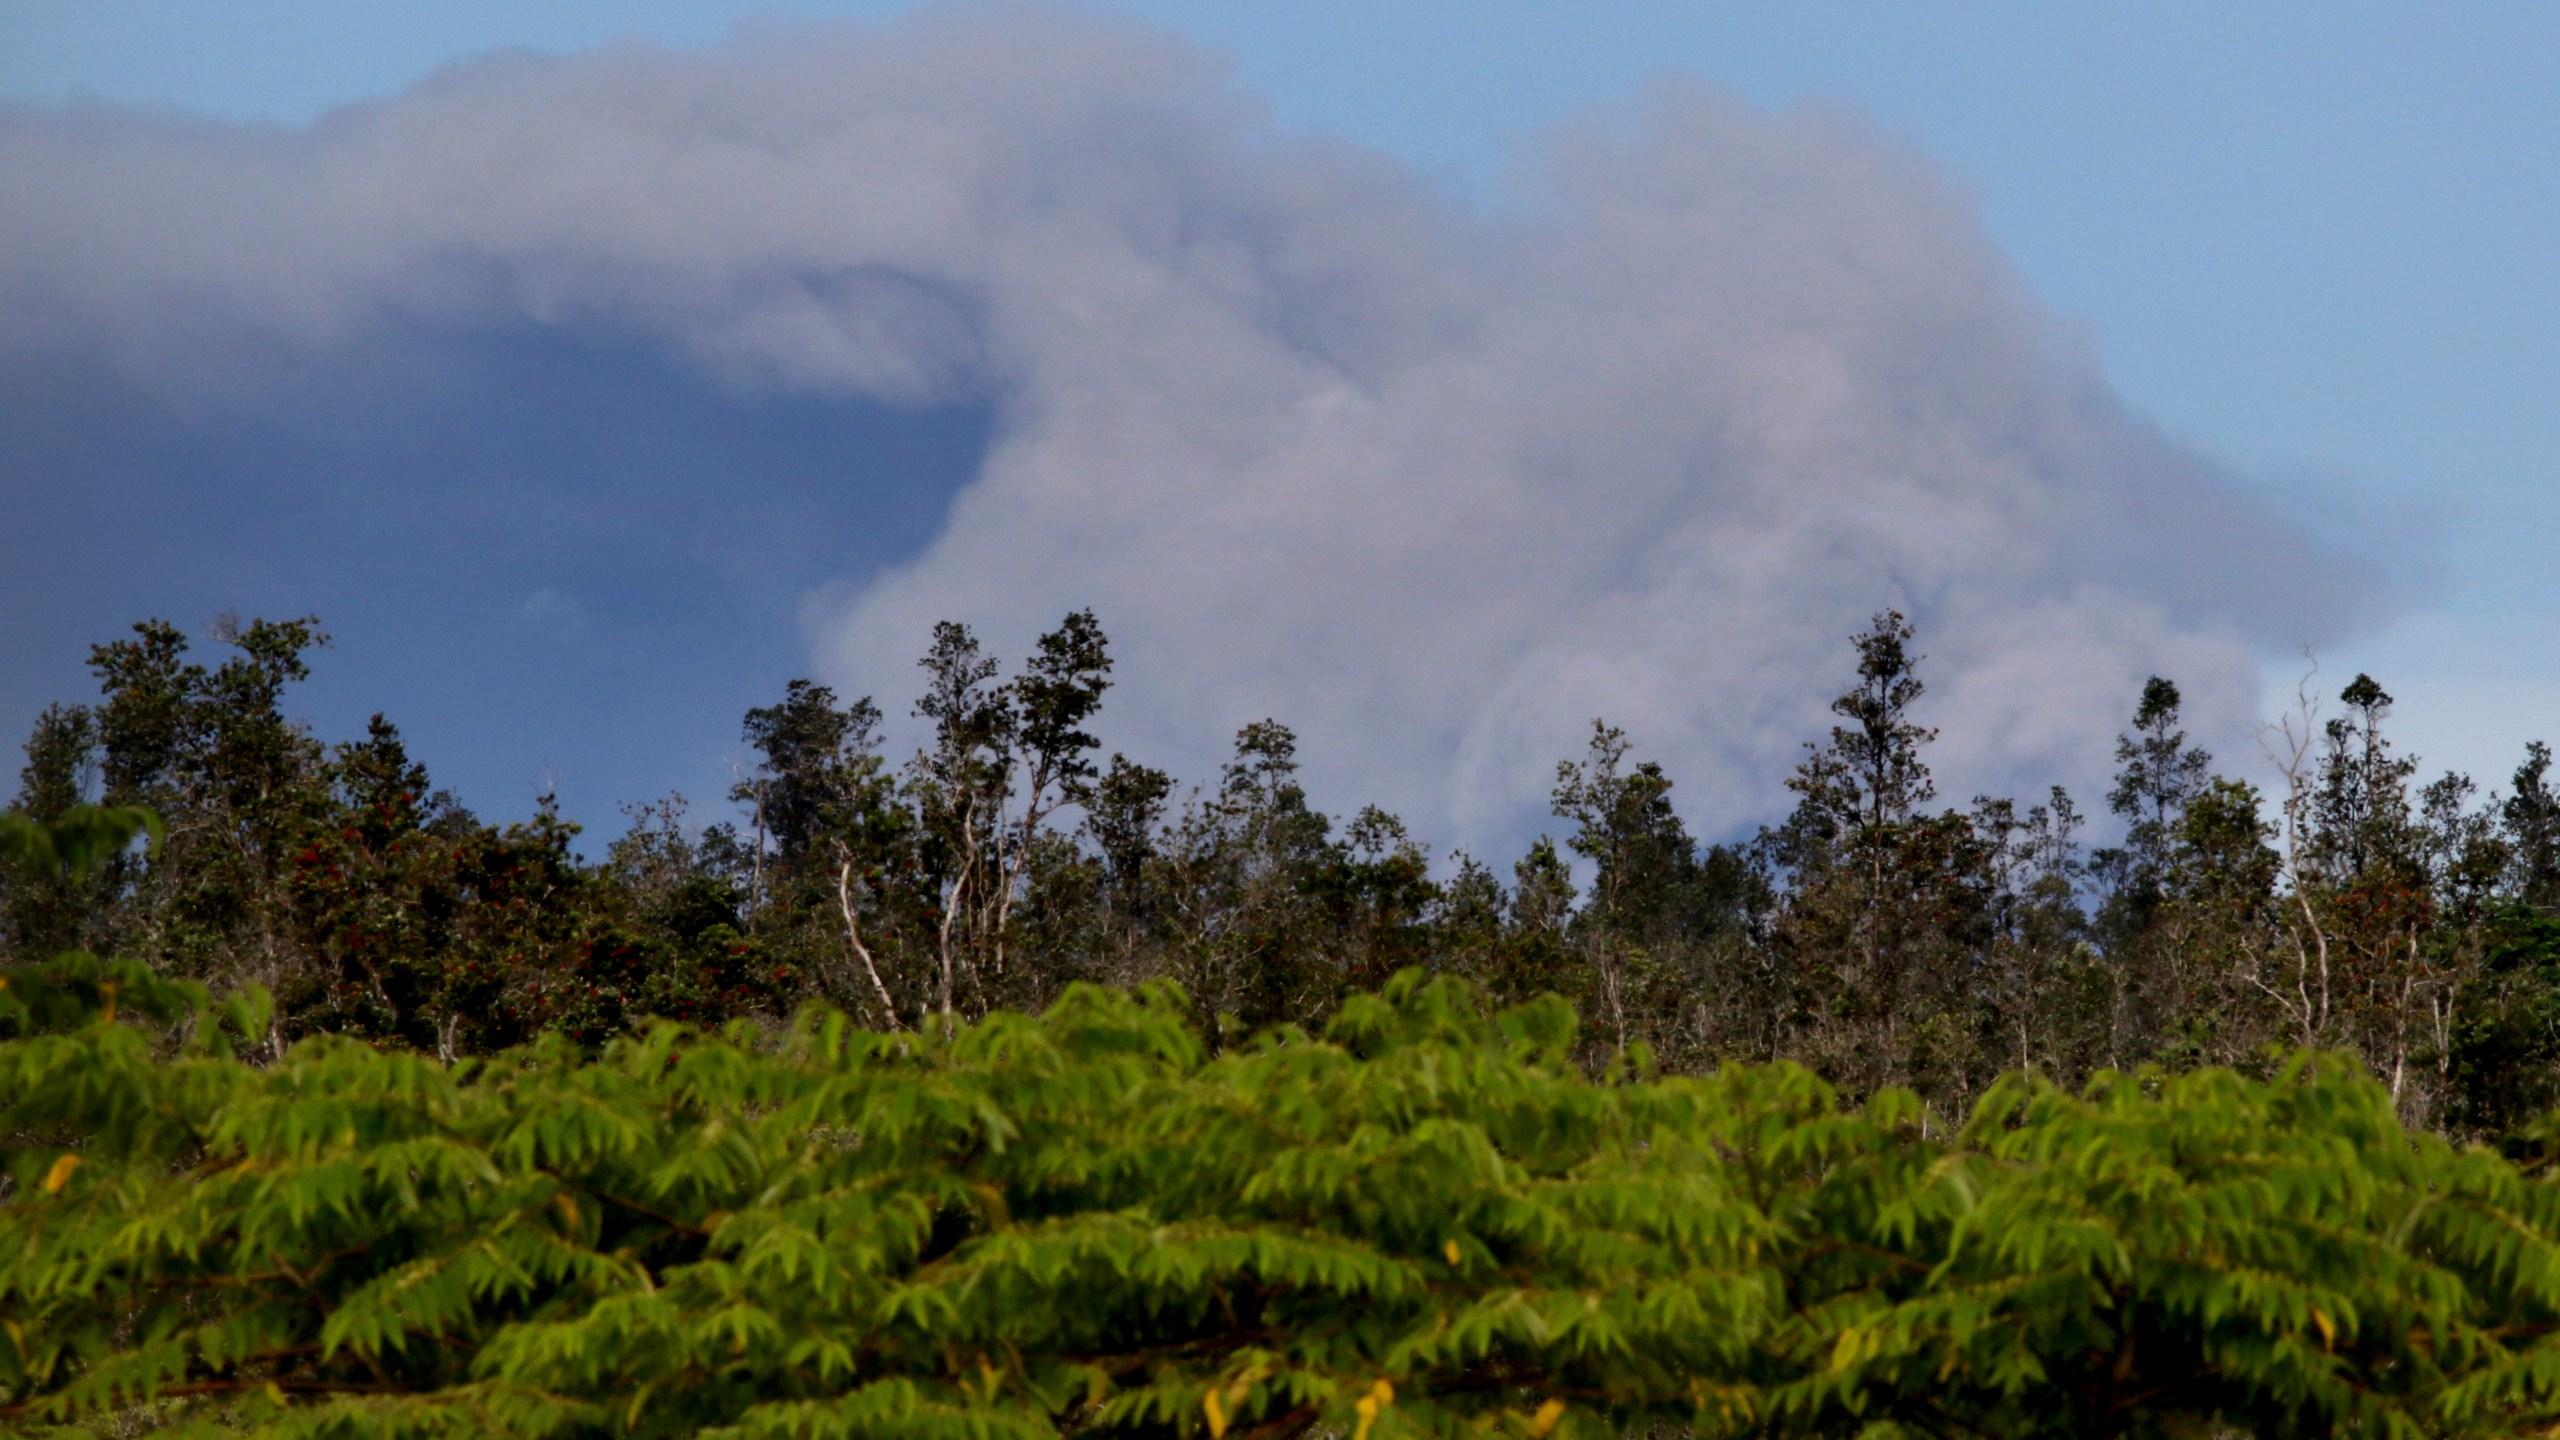 Hawaii_Volcano_45474-159532.jpg47460513